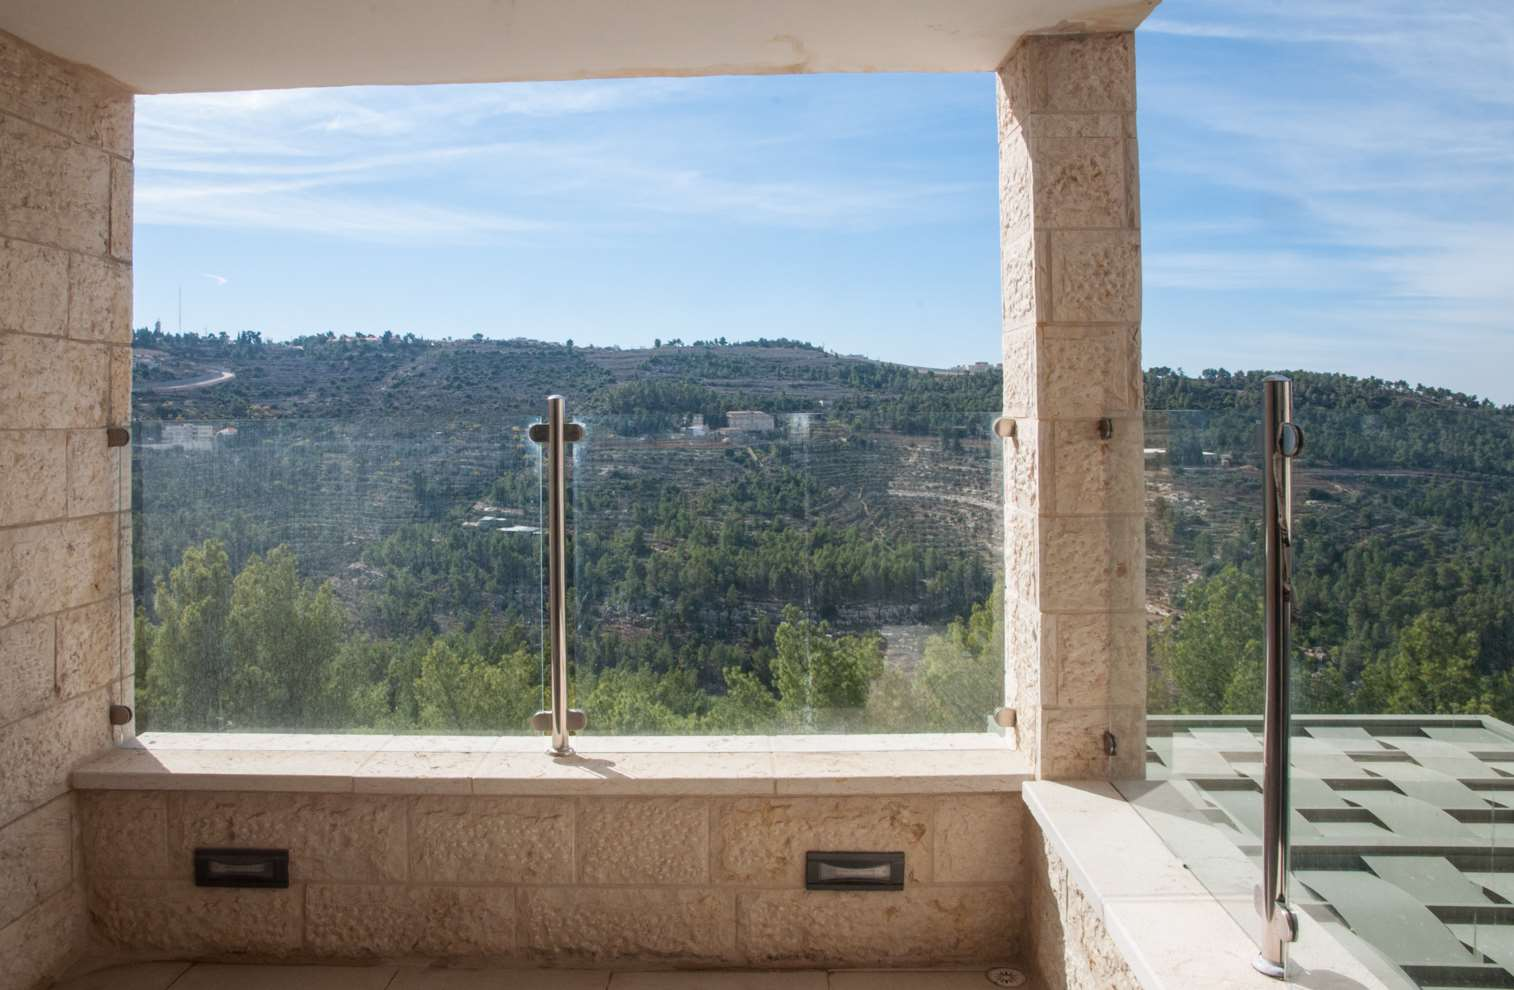 דירה להשכרה 5 חדרים בירושלים מרווה גילה